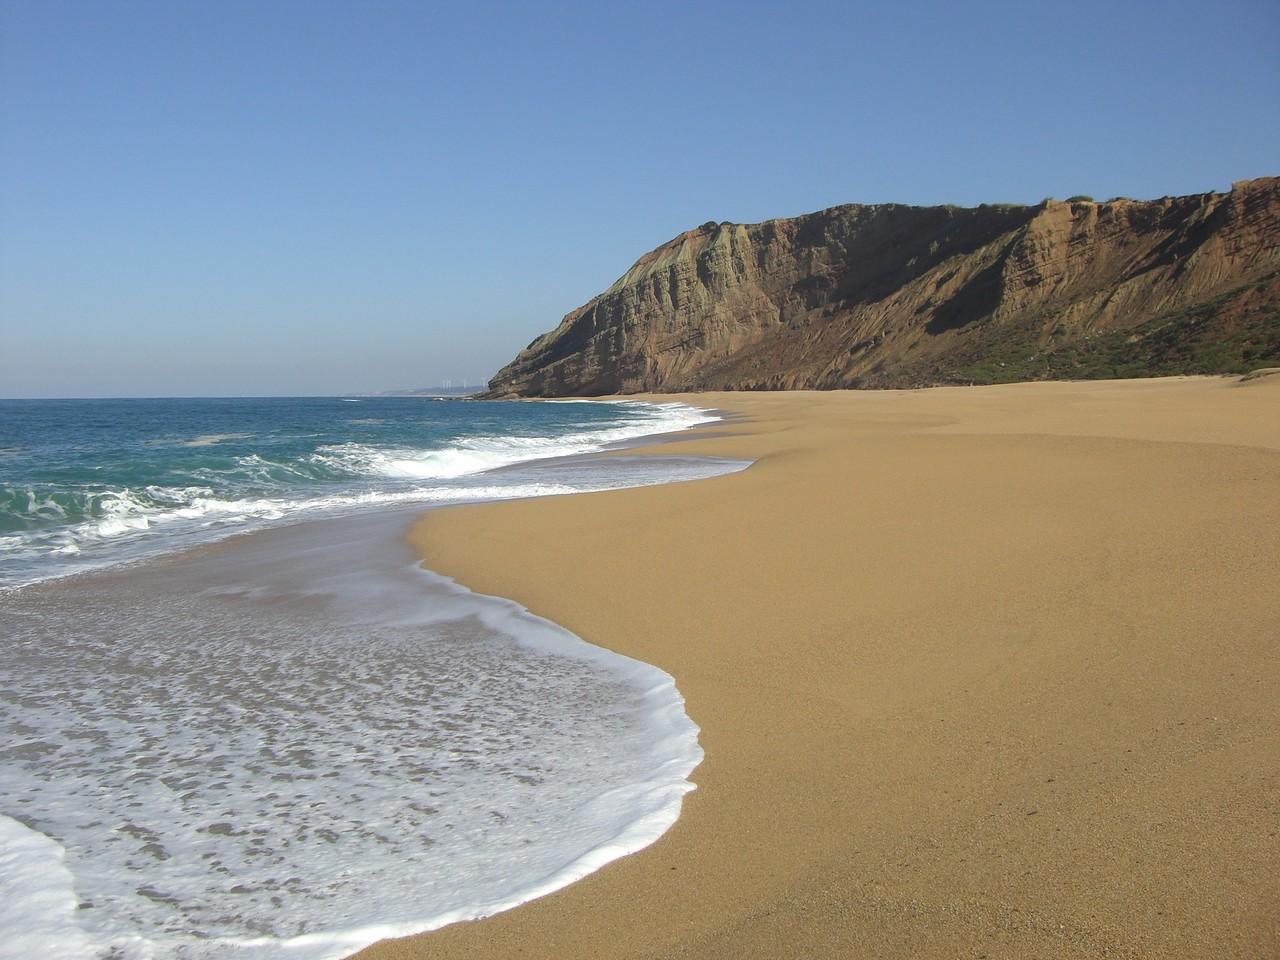 Strandurlaub in Portugal, die Ferienunterkunft ist nur 800 m entfernt.